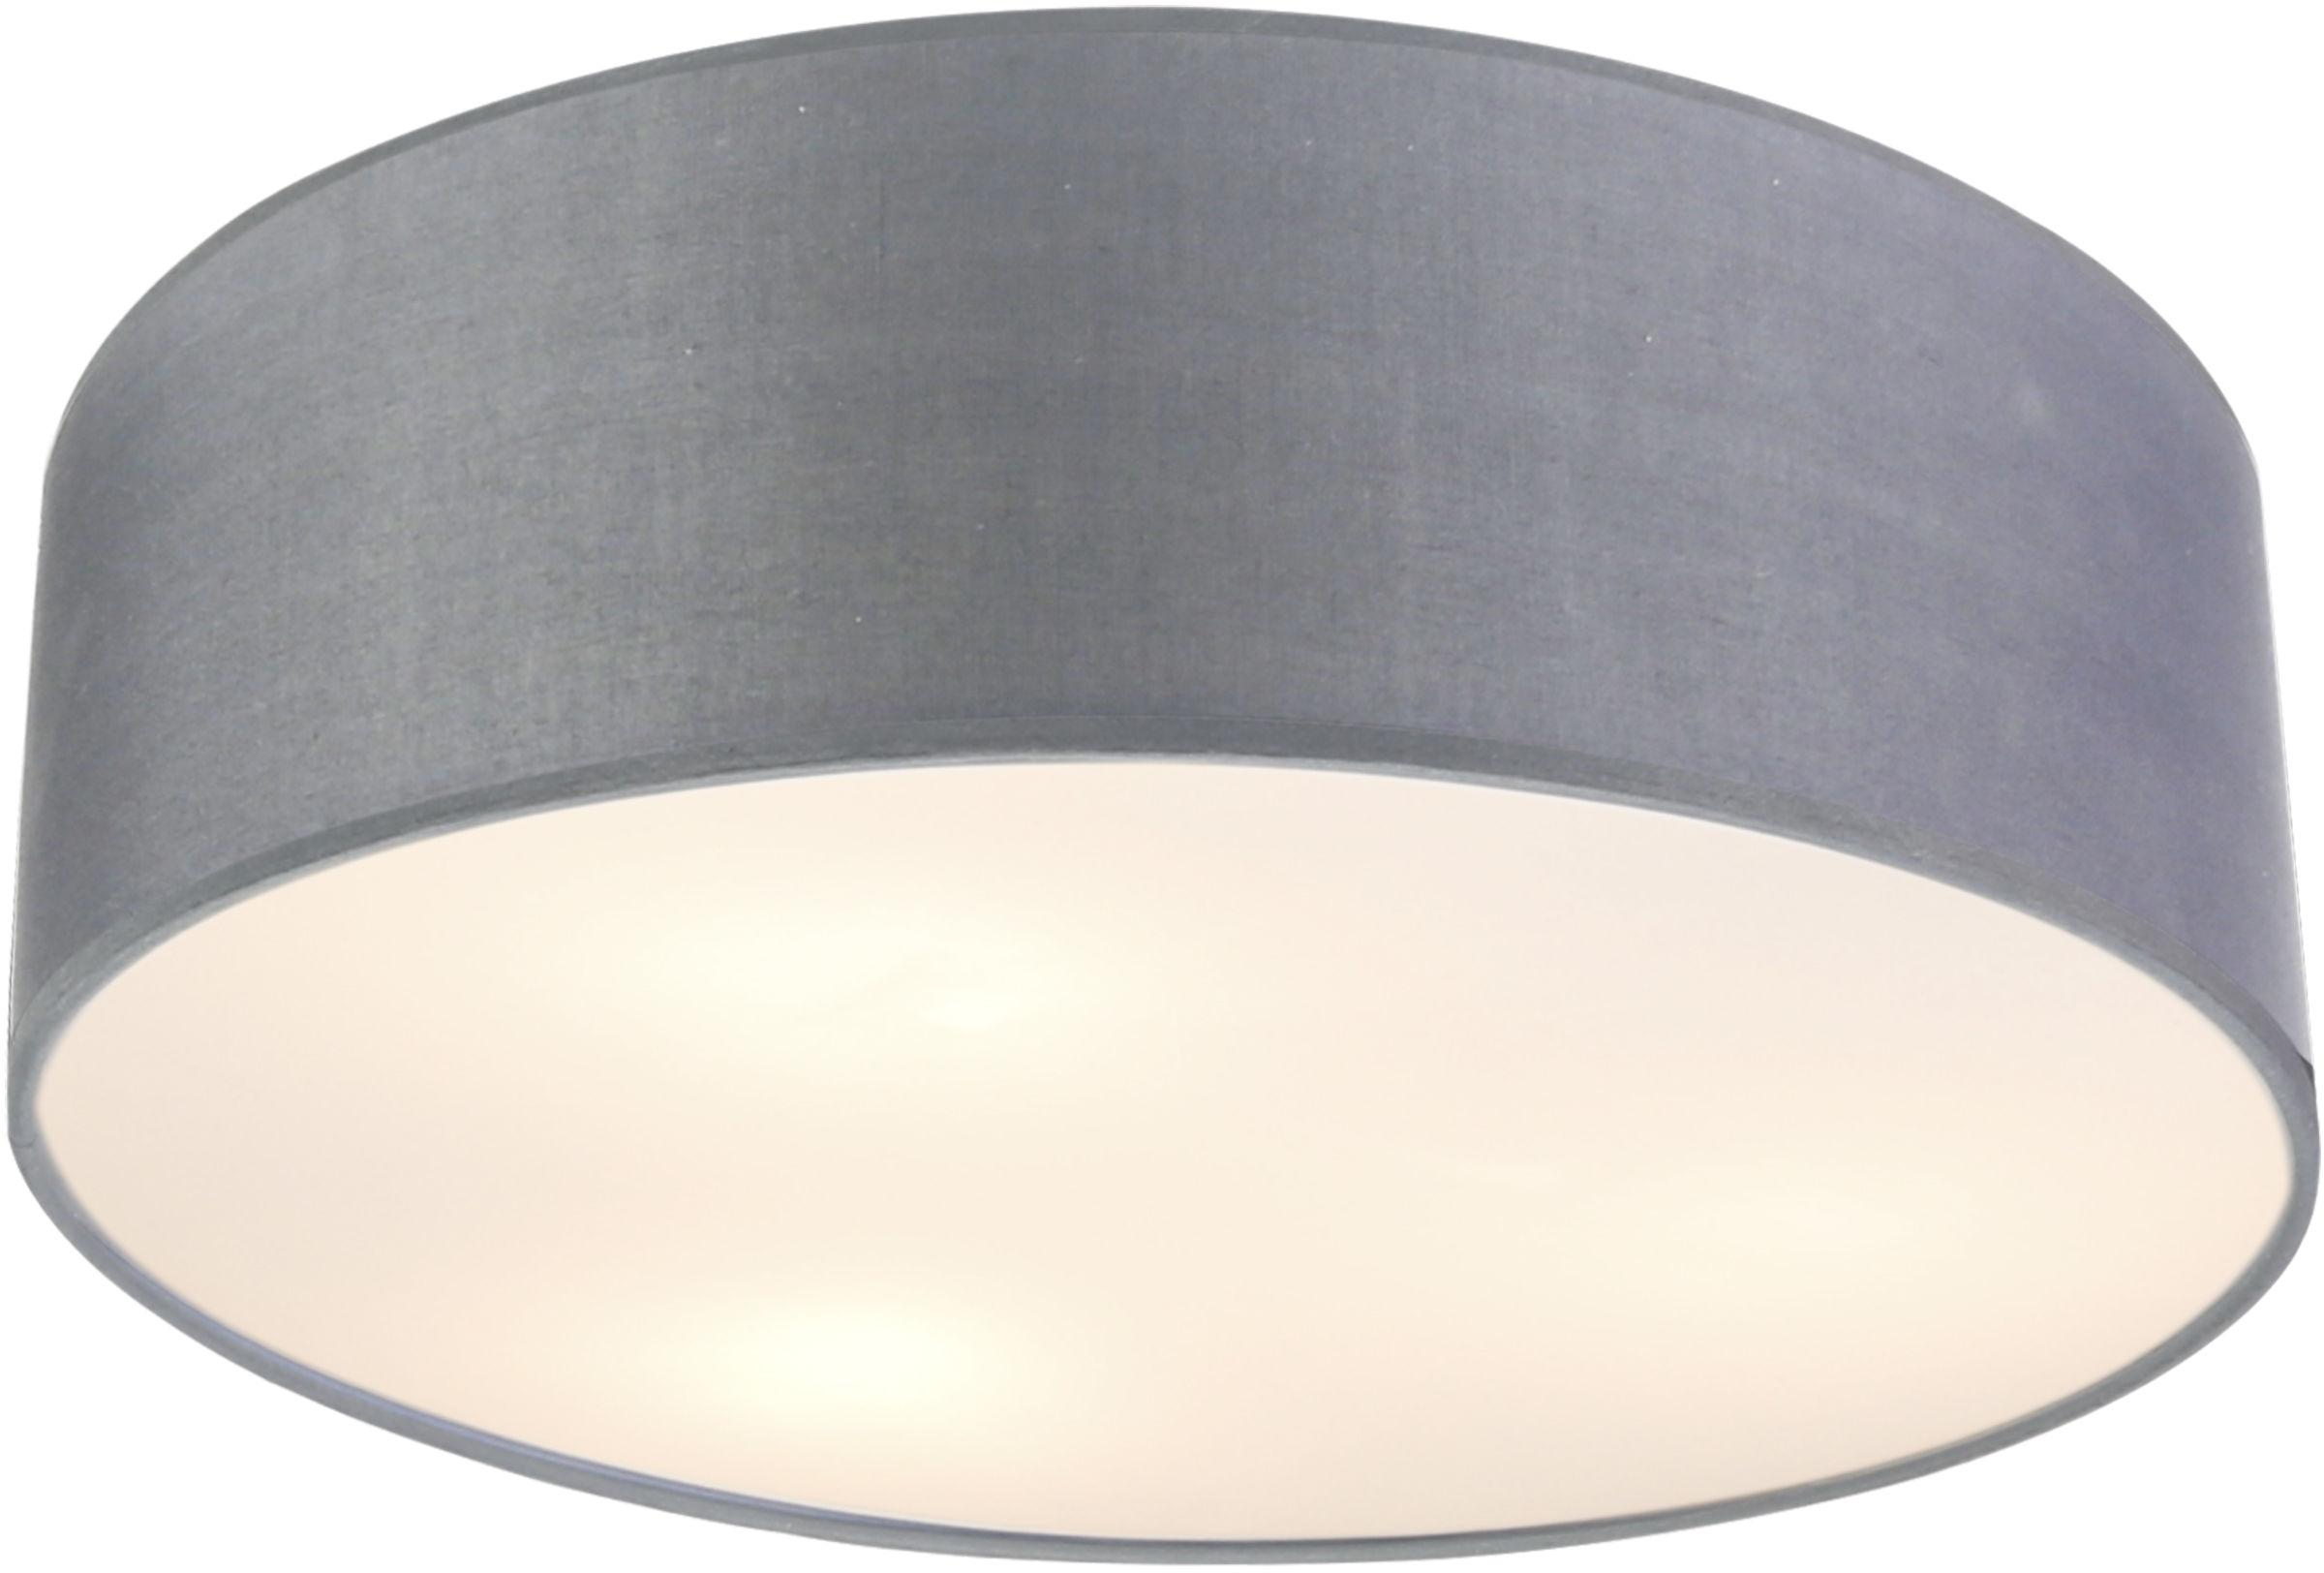 Candellux KIOTO 31-64707 plafon lampa sufitowa abażur jasno szary 3x40W E27 50cm